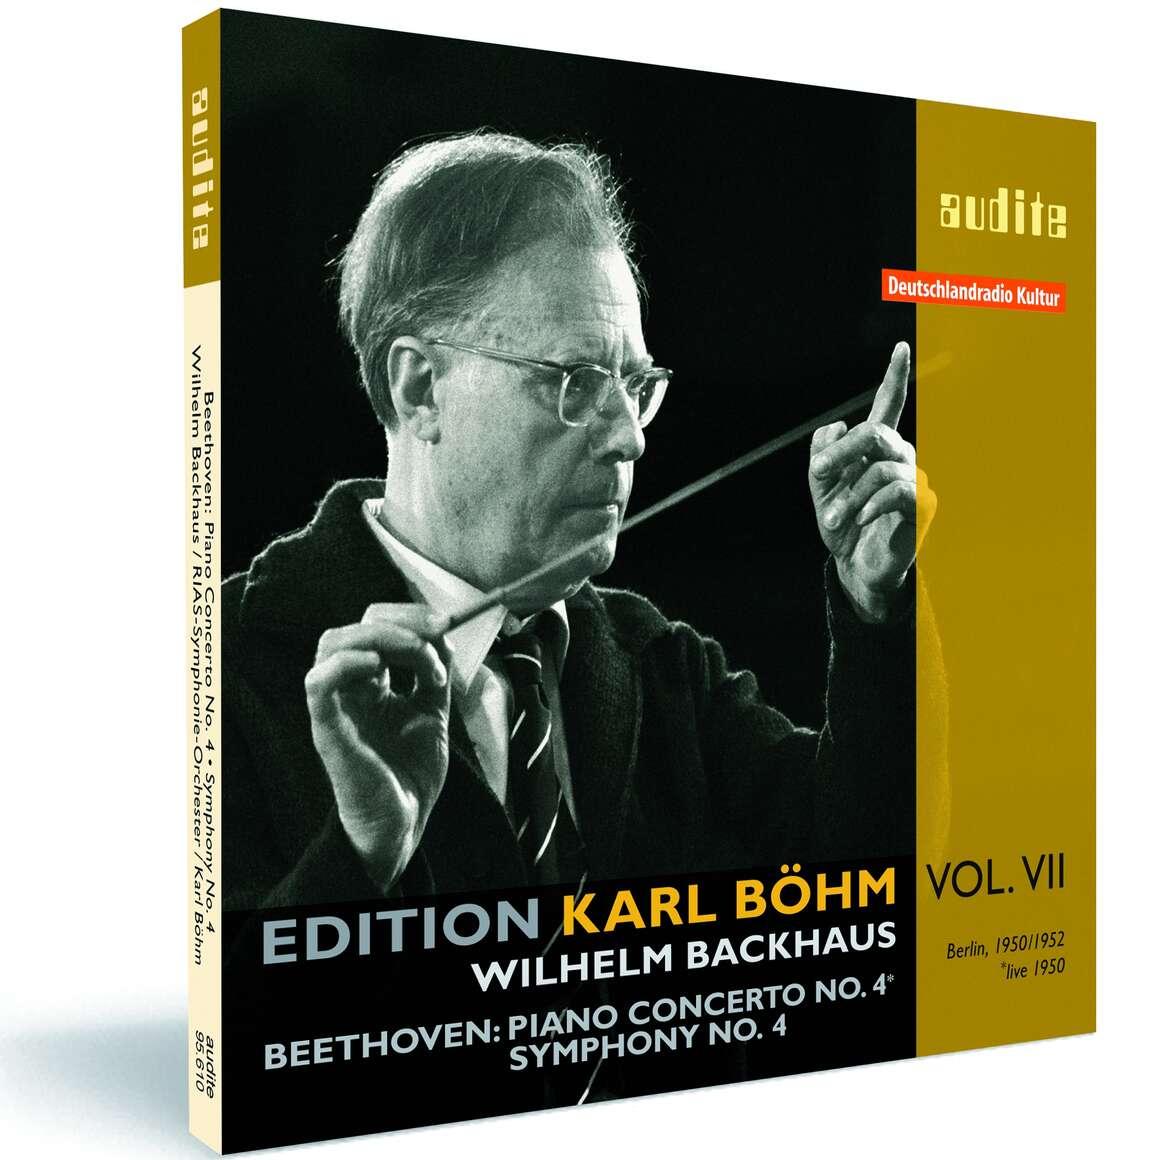 L. v. Beethoven: Piano Concerto No. 4 & Symphony No. 4